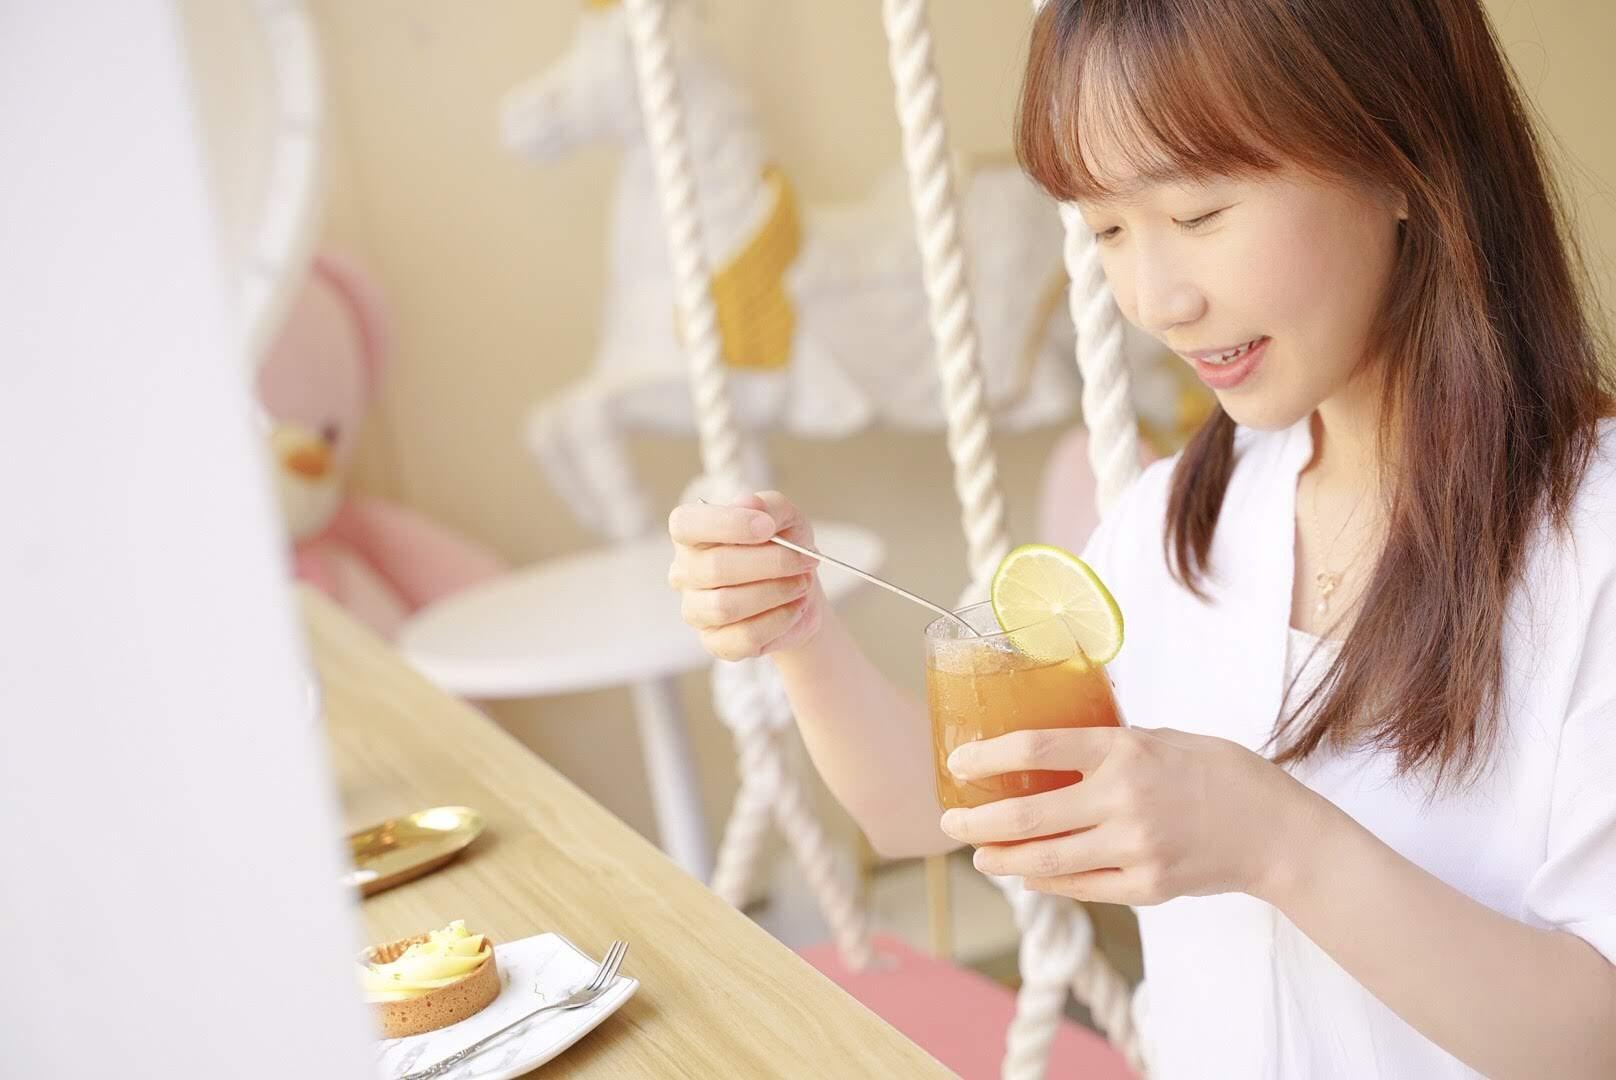 【美食】Ice Honey-帕米亞甜點甜心 滿是粉紅泡泡的幸福感